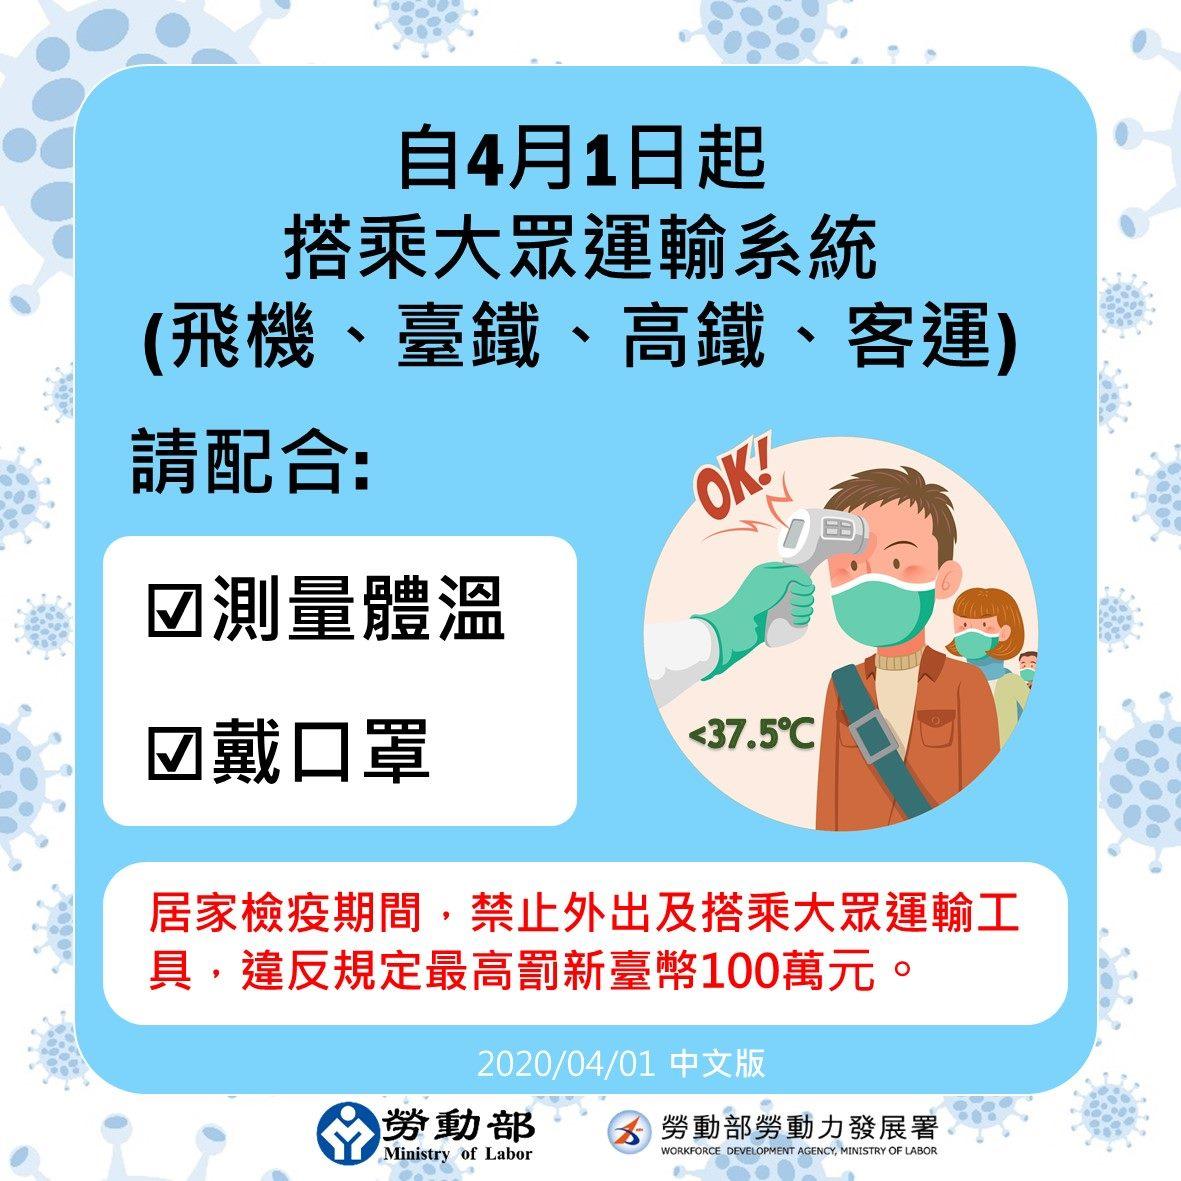 自4月1日起搭乘大眾運輸系統請配合測量體溫戴口罩-中文